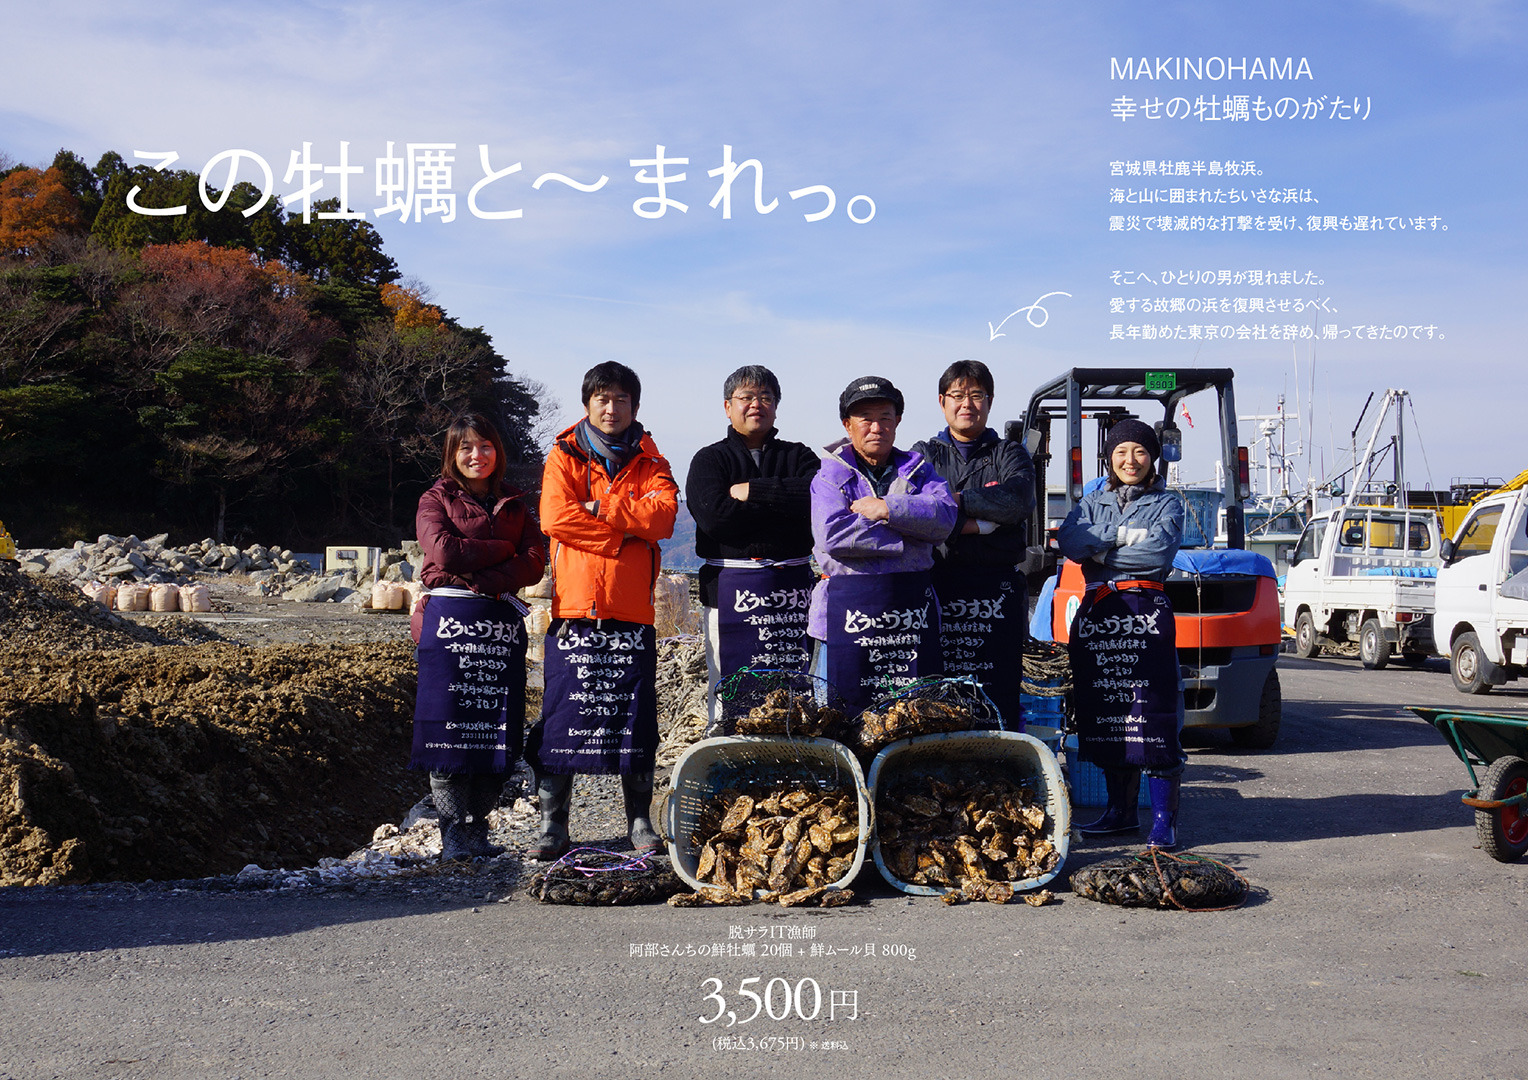 MAKINOHAMA 幸せの牡蠣ものがたり